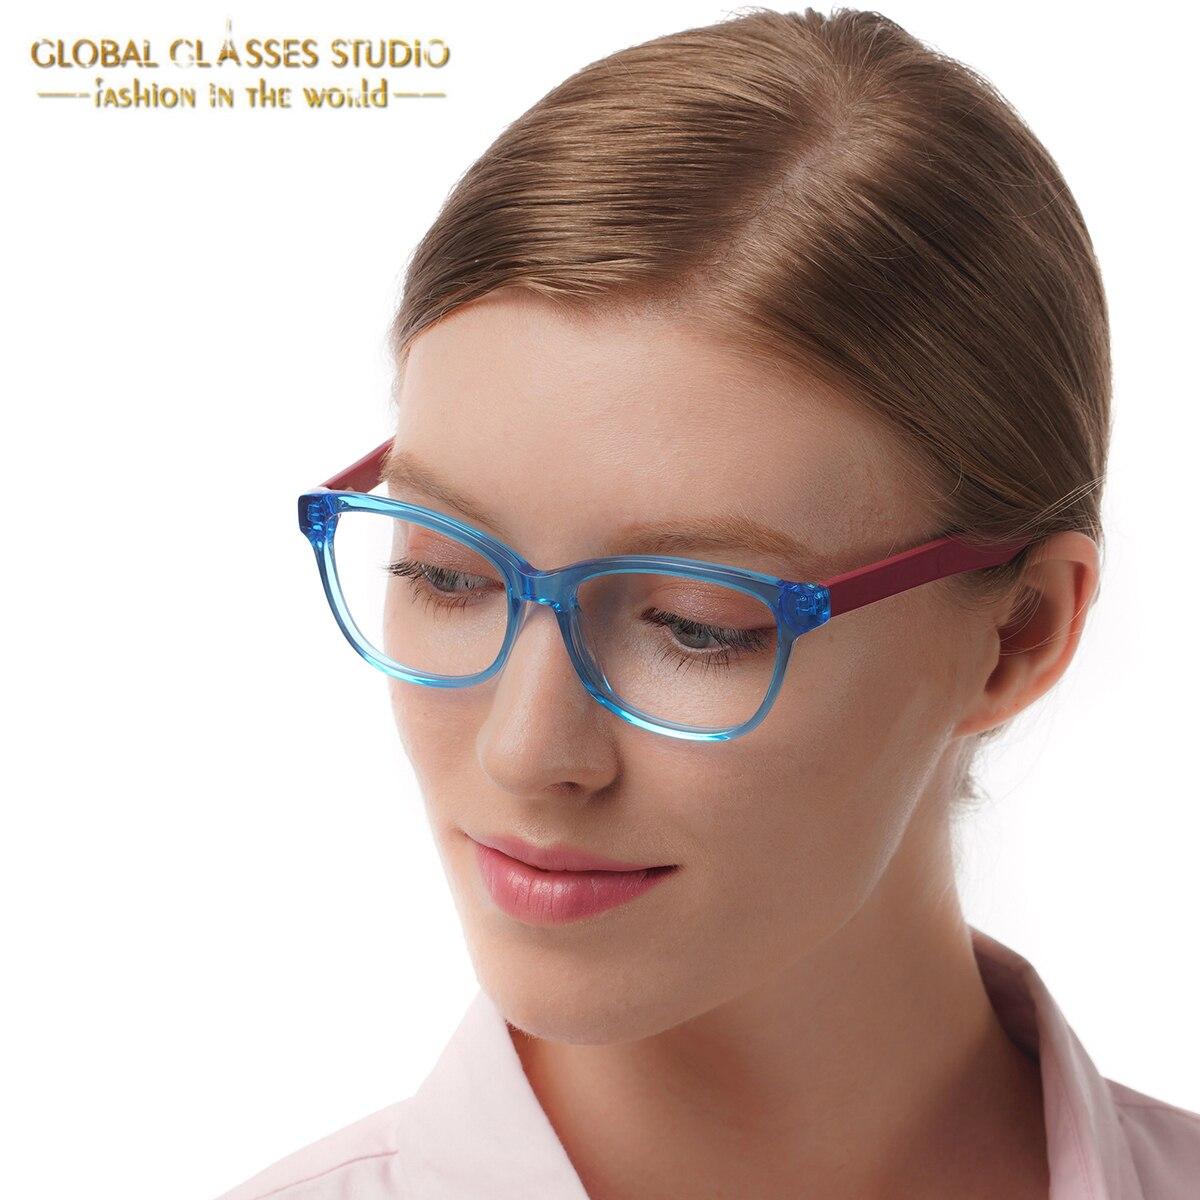 Nové křišťálově modré tmavě červené roztomilé muže / ženy módní design brýlí rám čistý objektiv acetát brýle optické brýle 51BG24010